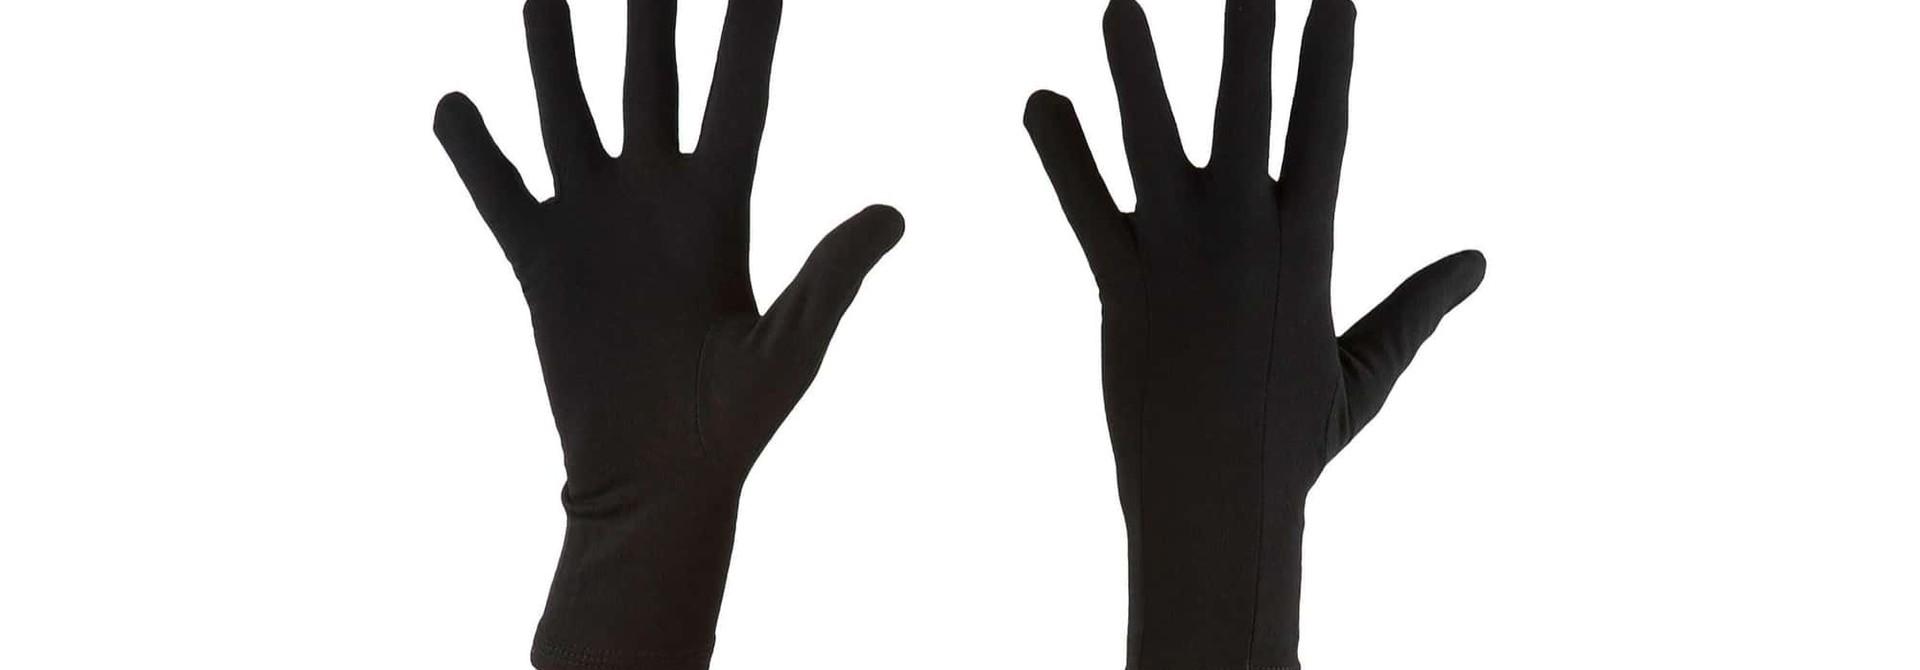 Adult 200 Oasis Glove Liner